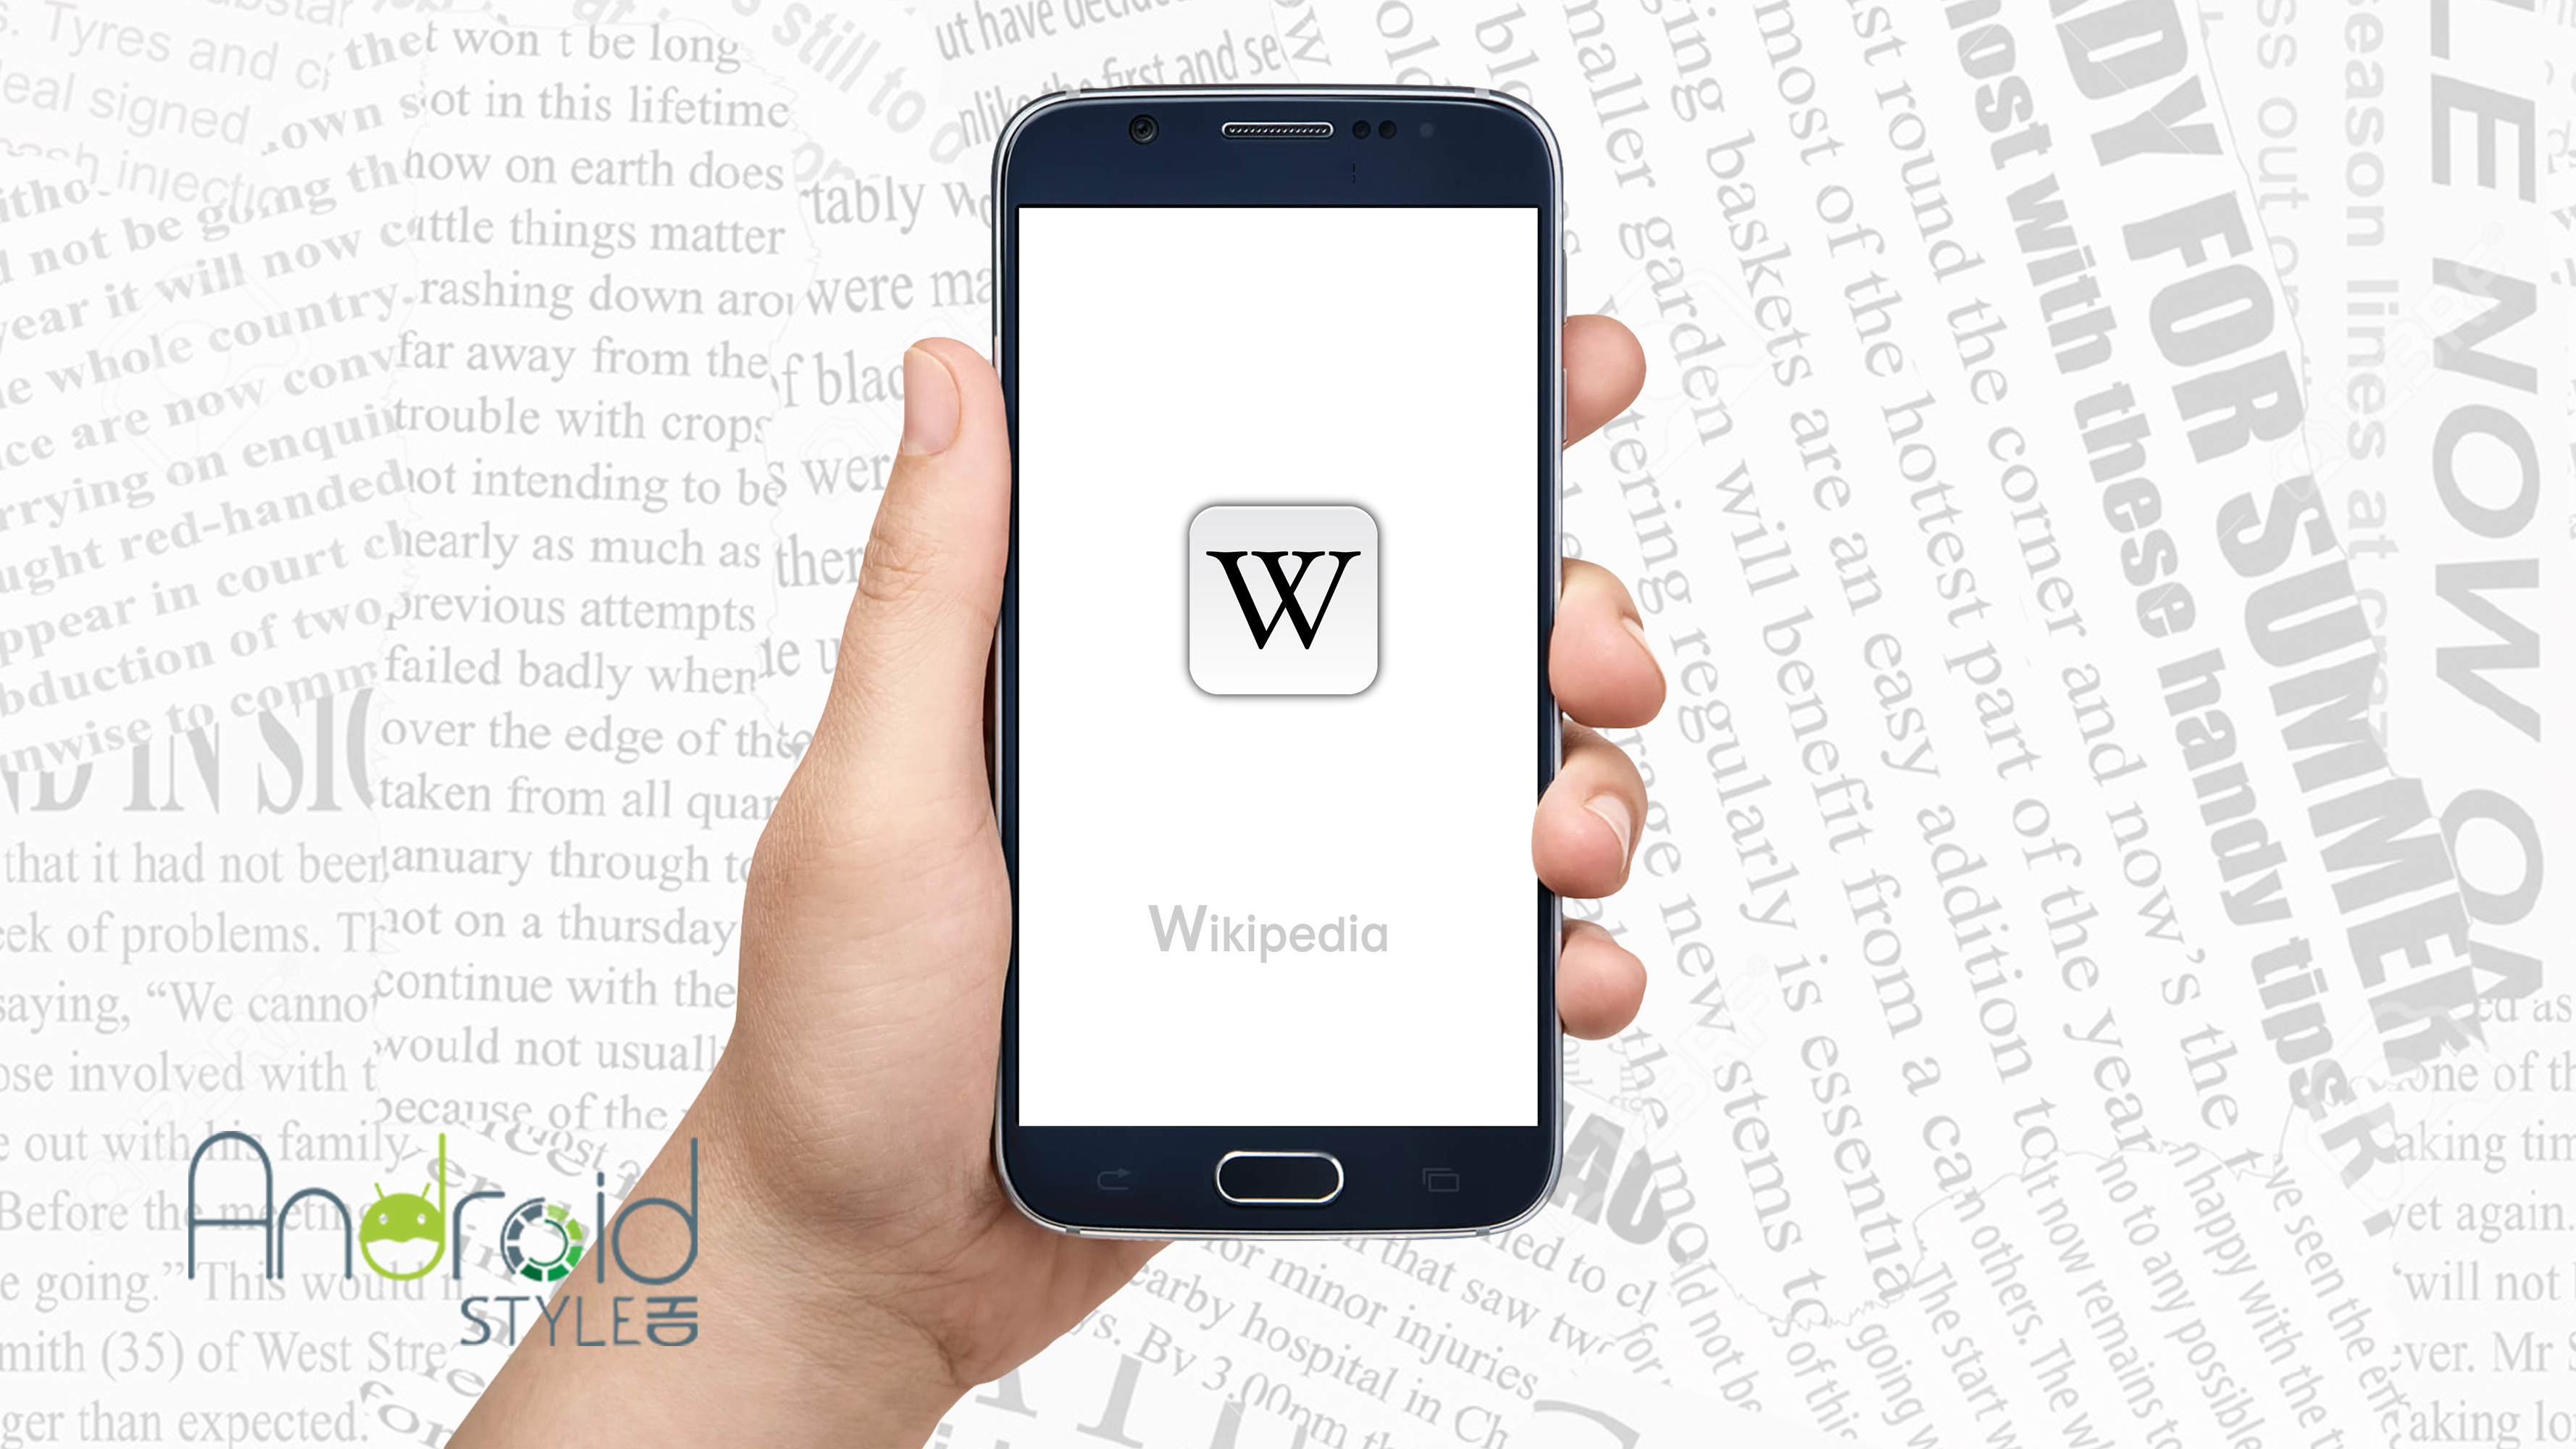 Aggiornamento Wikipedia Android App con miglioramenti nell'interfaccia e nella navigazione